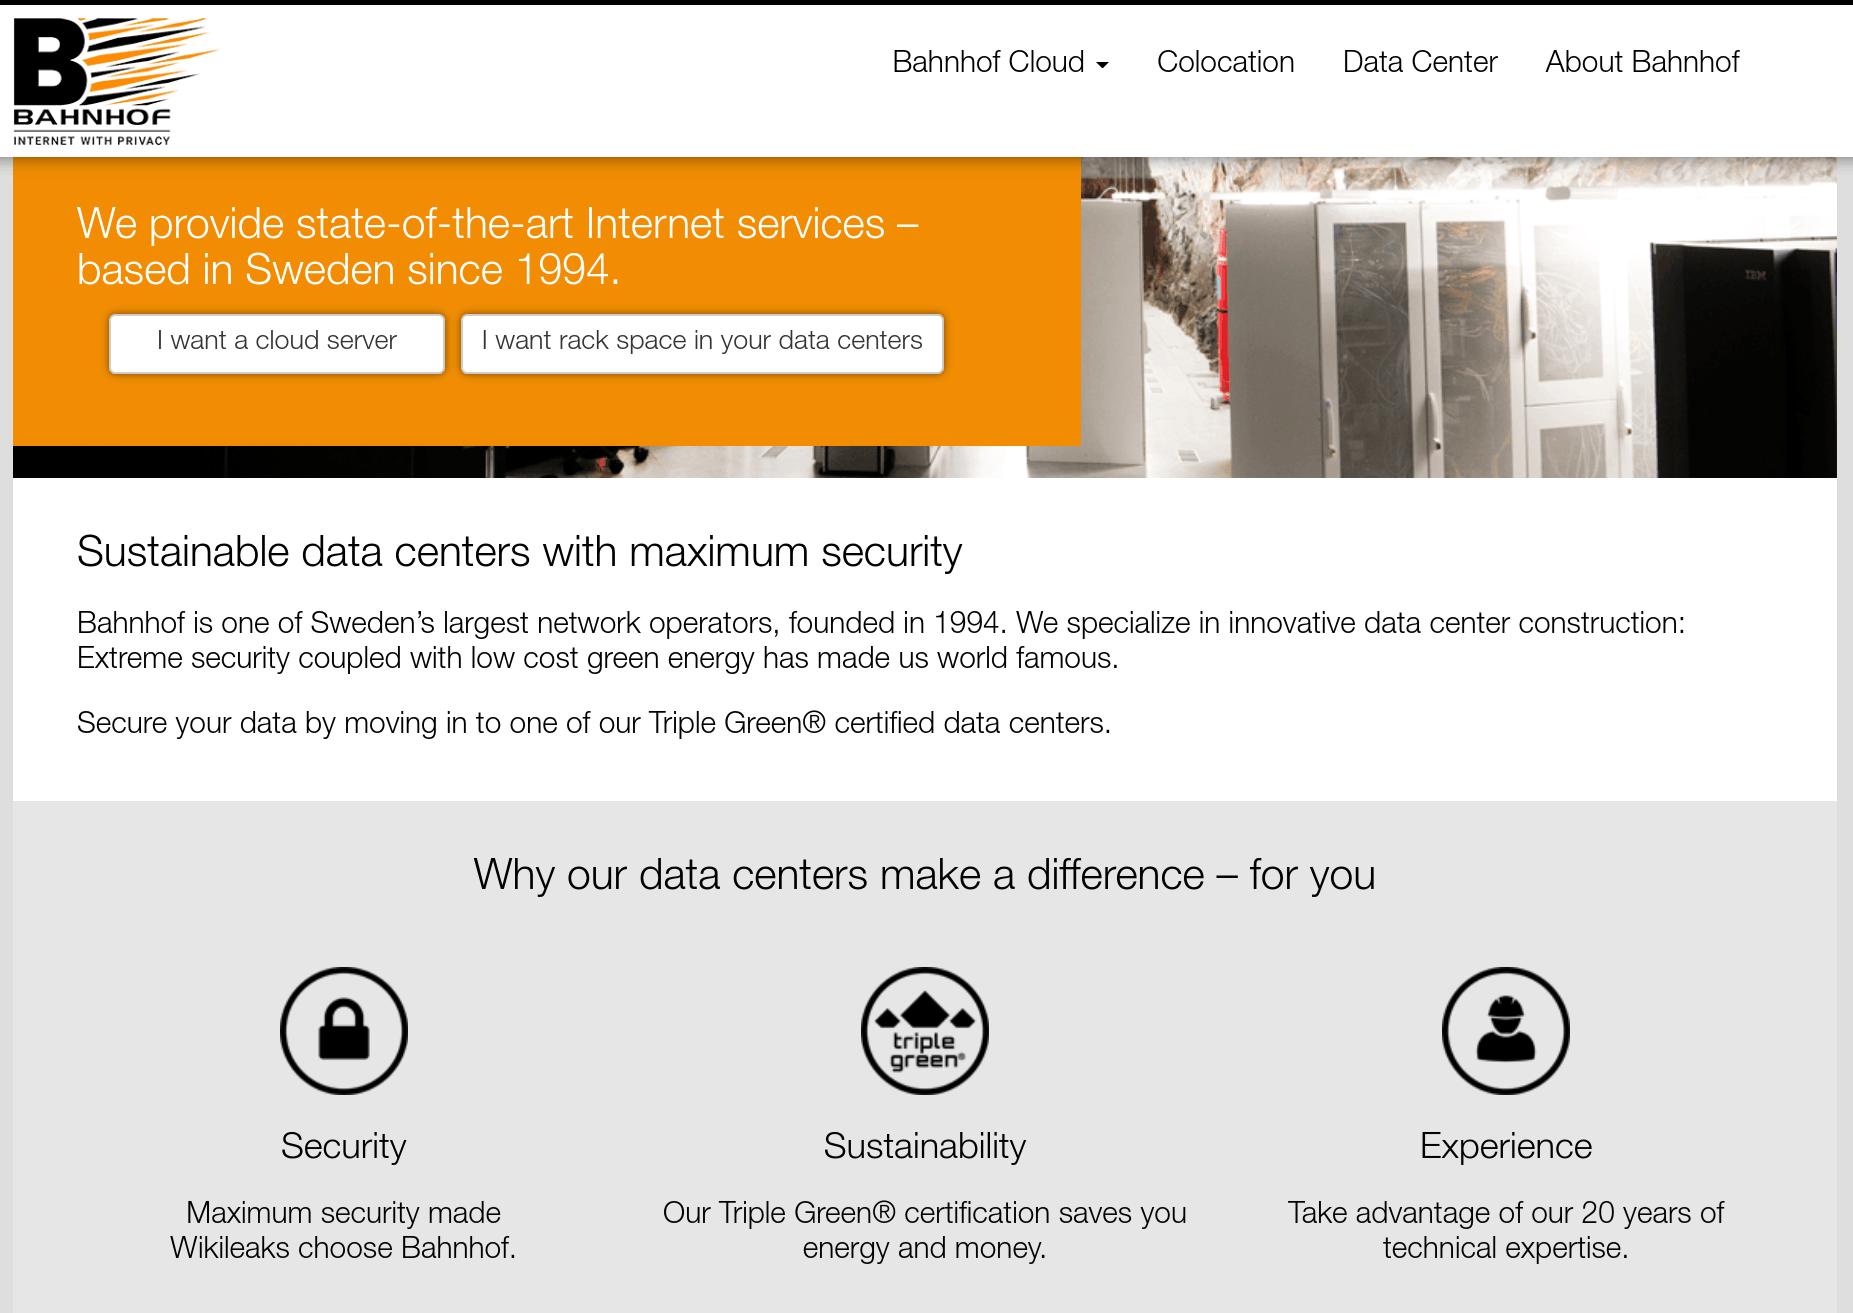 Screenshot 2019-08-09 at 15.58.50